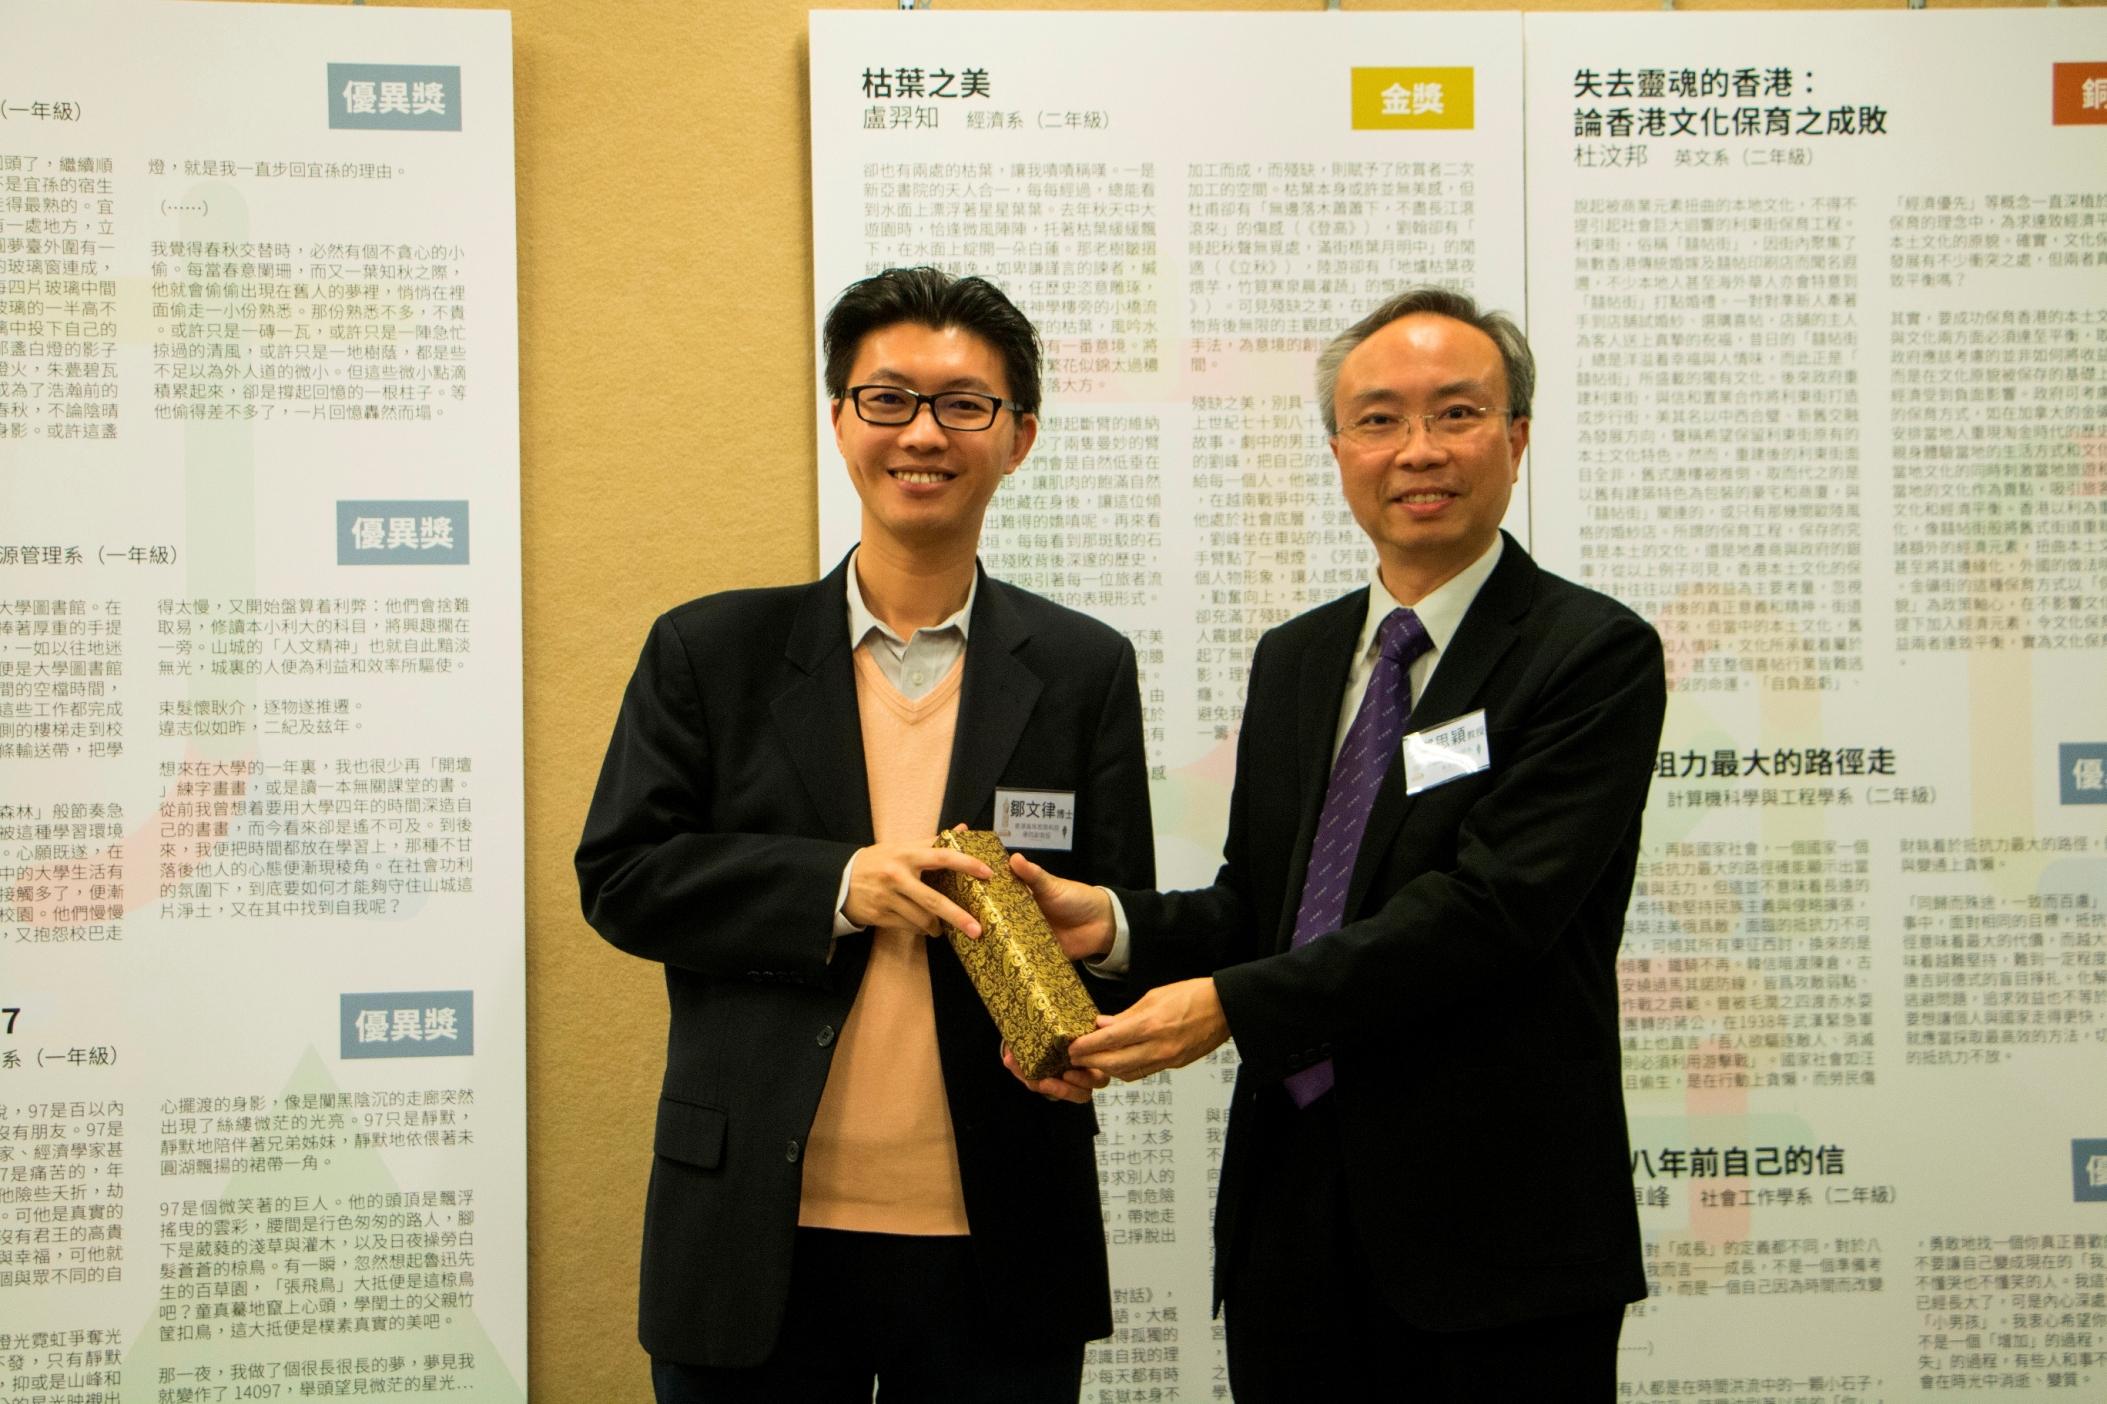 中大中文系系主任鄧思穎教授(右)致送紀念品予嘉賓評審鄒文律博士。